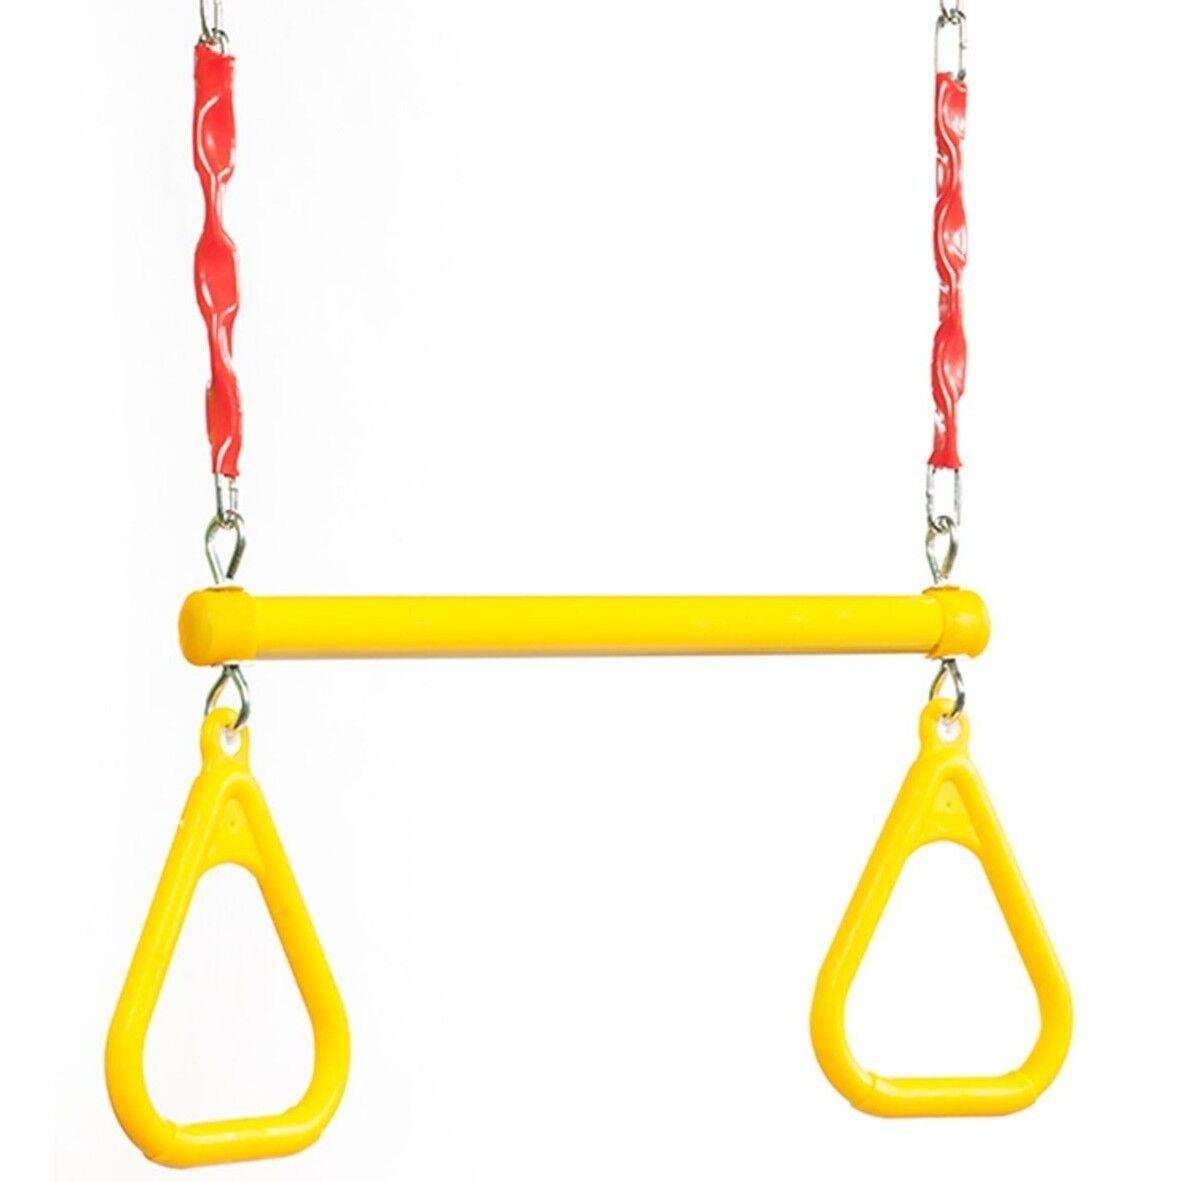 marca famosa Diapositiva de oscilación subida Acero Trapecio con anillos anillos anillos de longitud ajustable amarillo  Aust marca  tienda de bajo costo